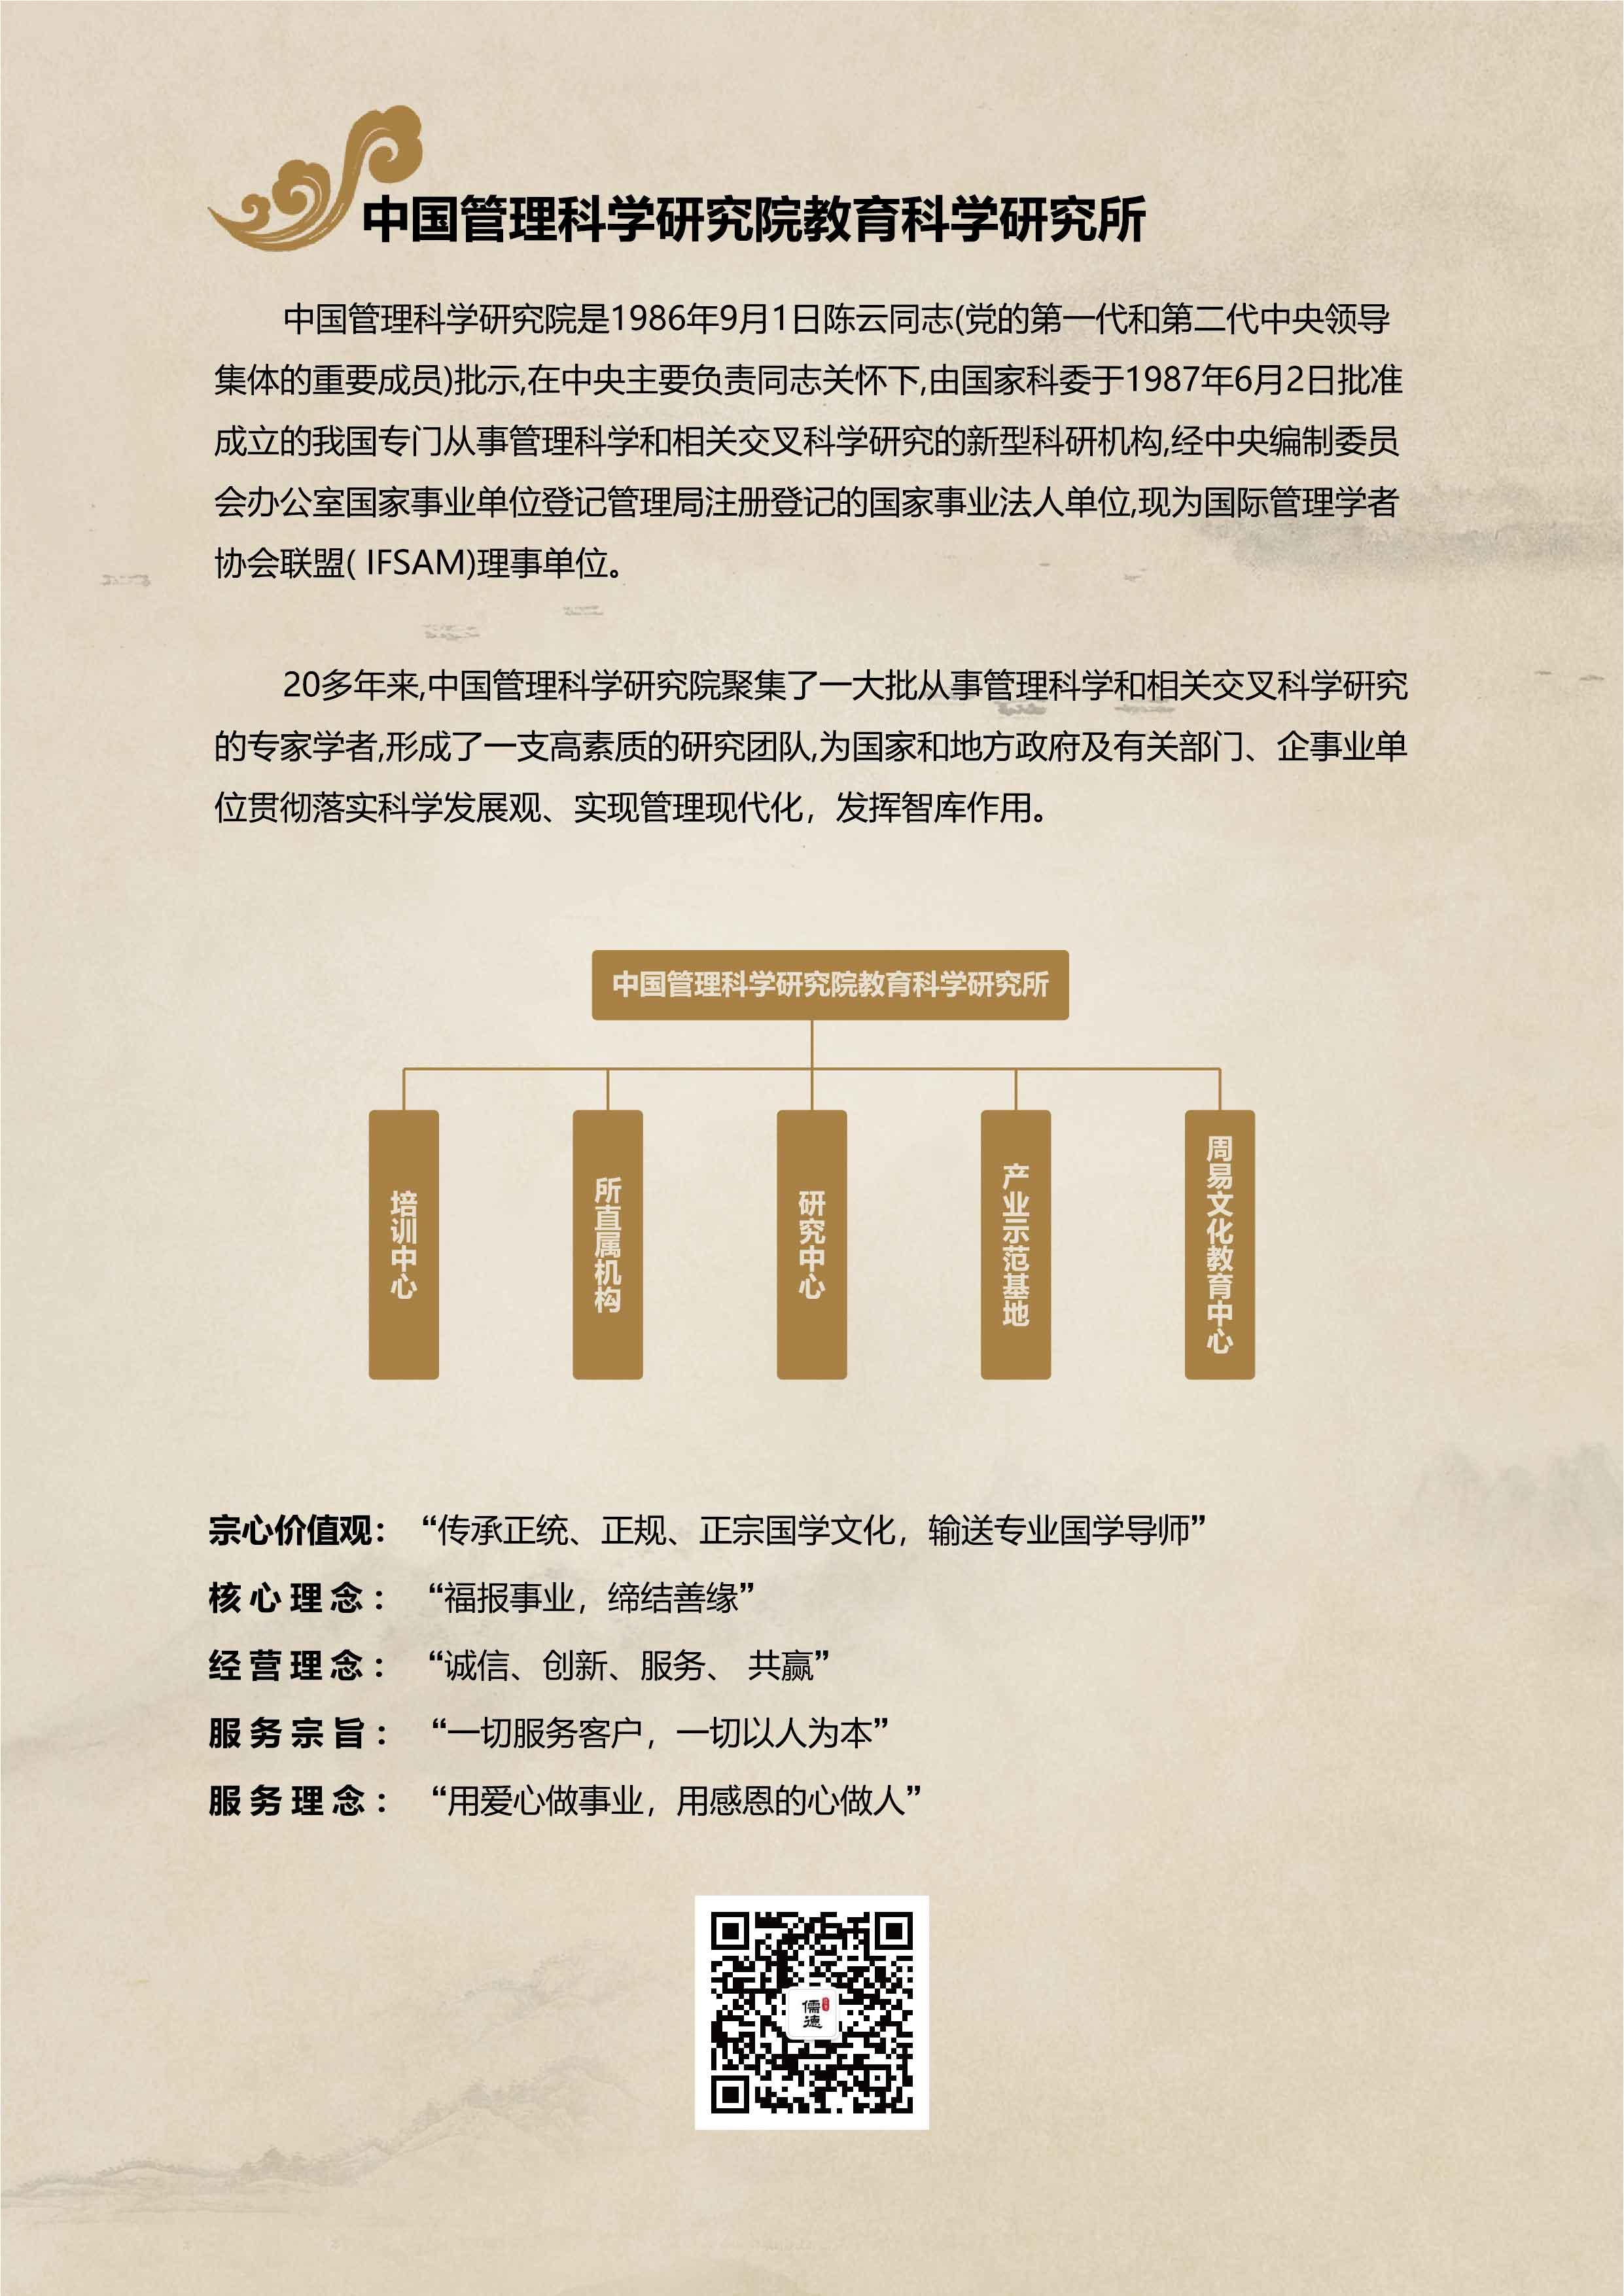 中国管理科学研究院教育科学研究所